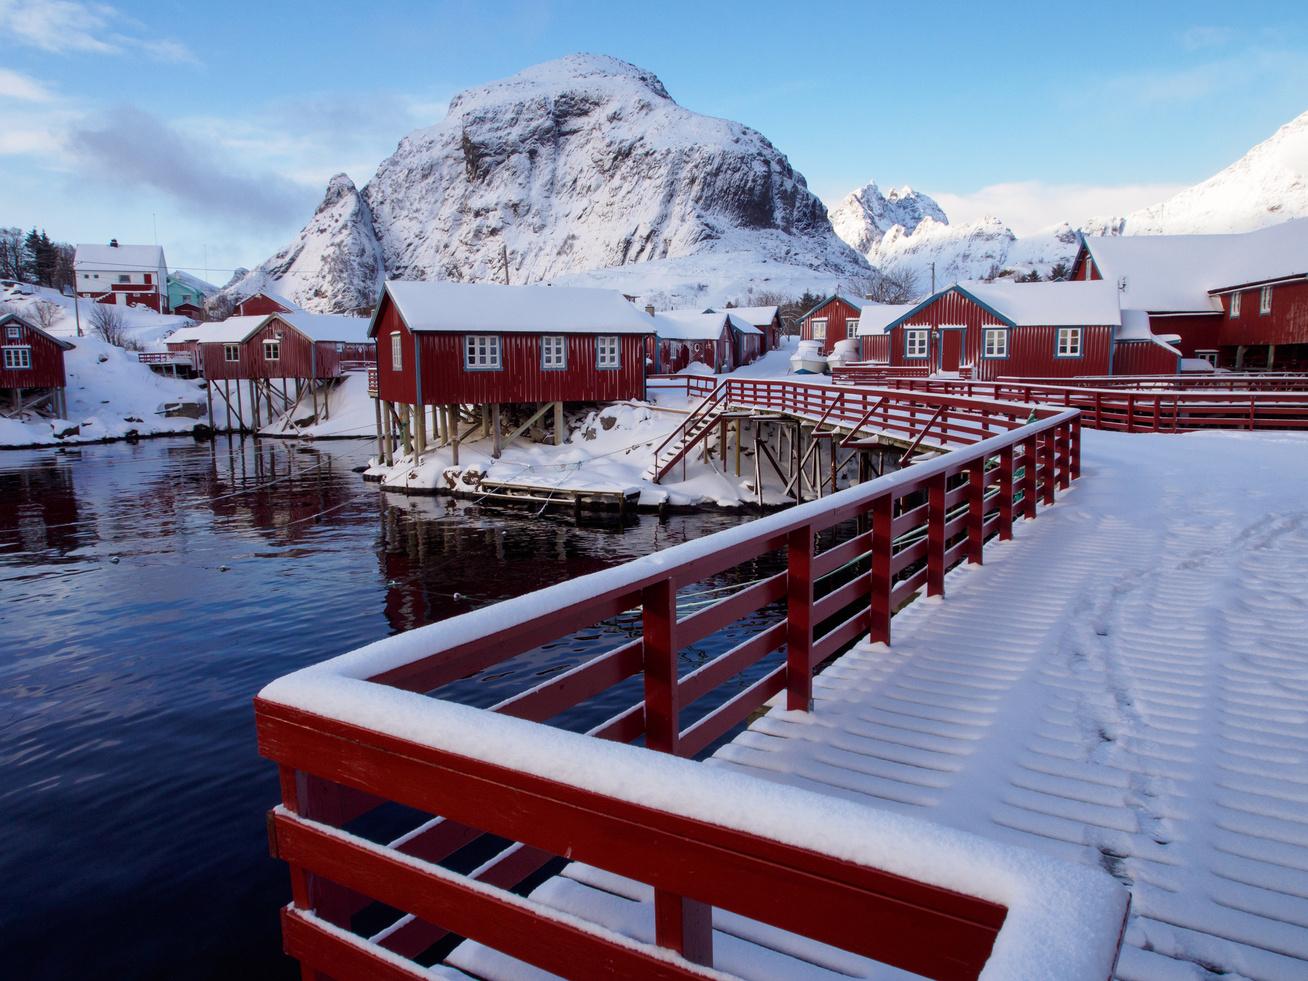 Å falu norvegia